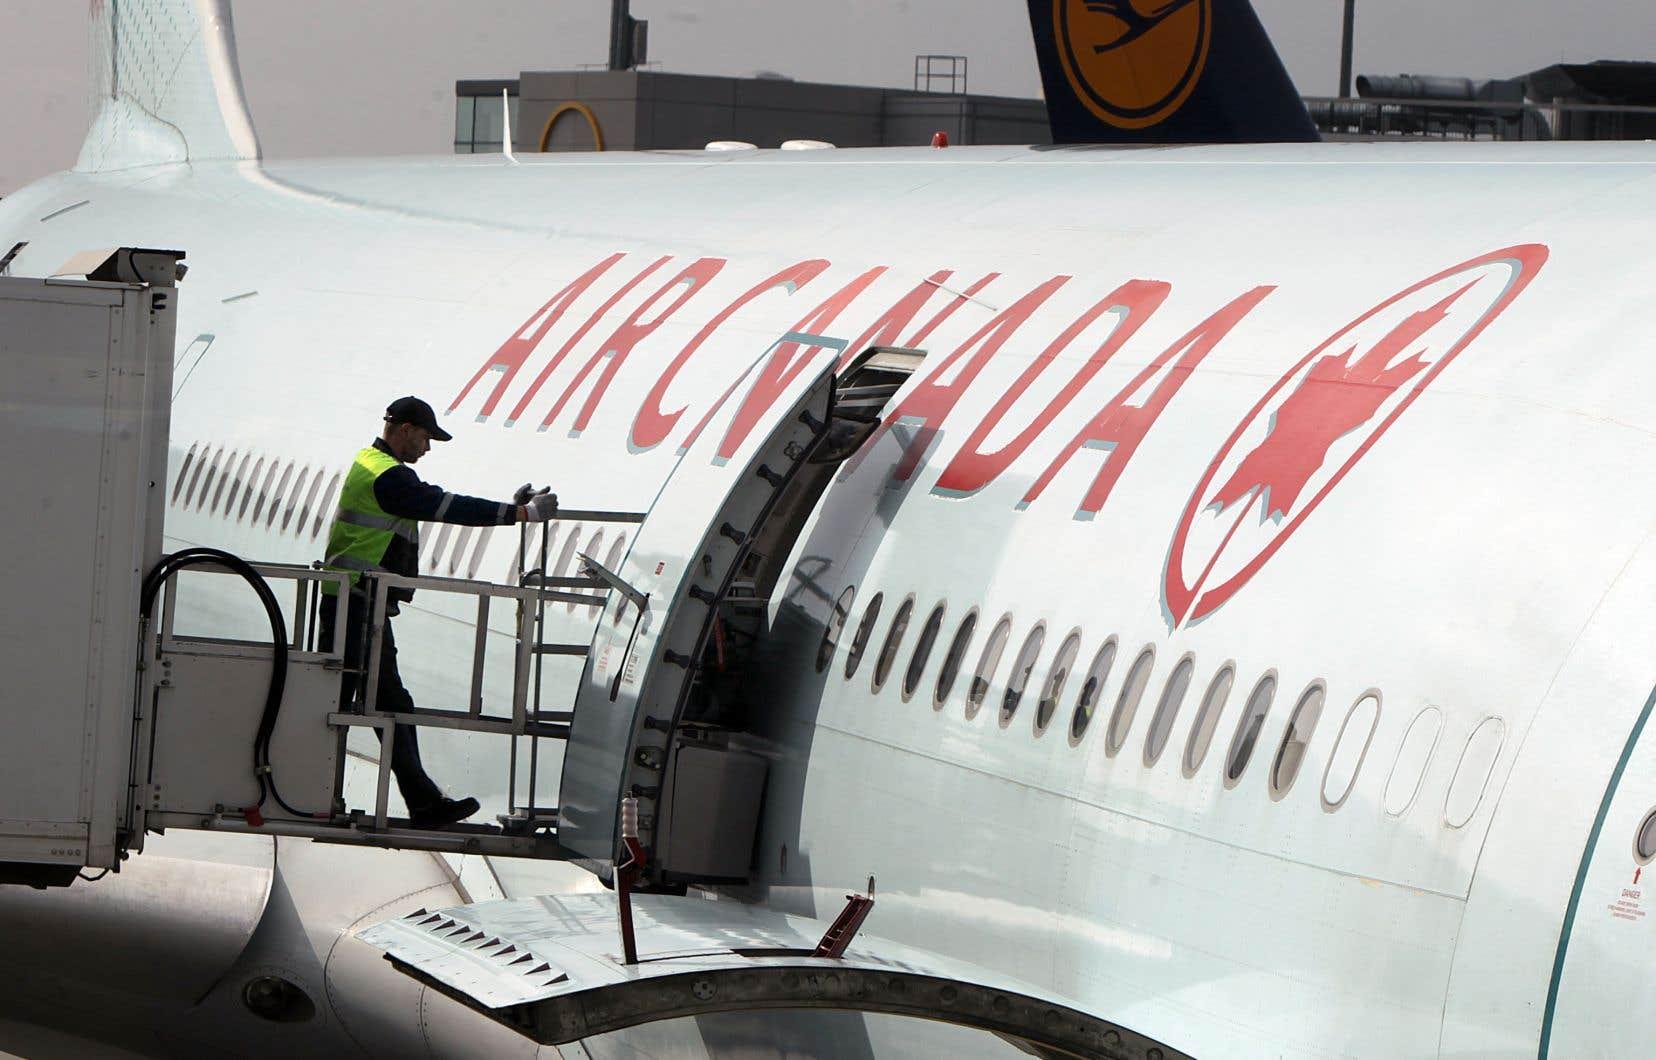 Au cours de son deuxième trimestre, les revenus d'Air Canada ont bondi d'environ 10%, pour atteindre un niveau record de 4,76milliards de dollars pour cette période.